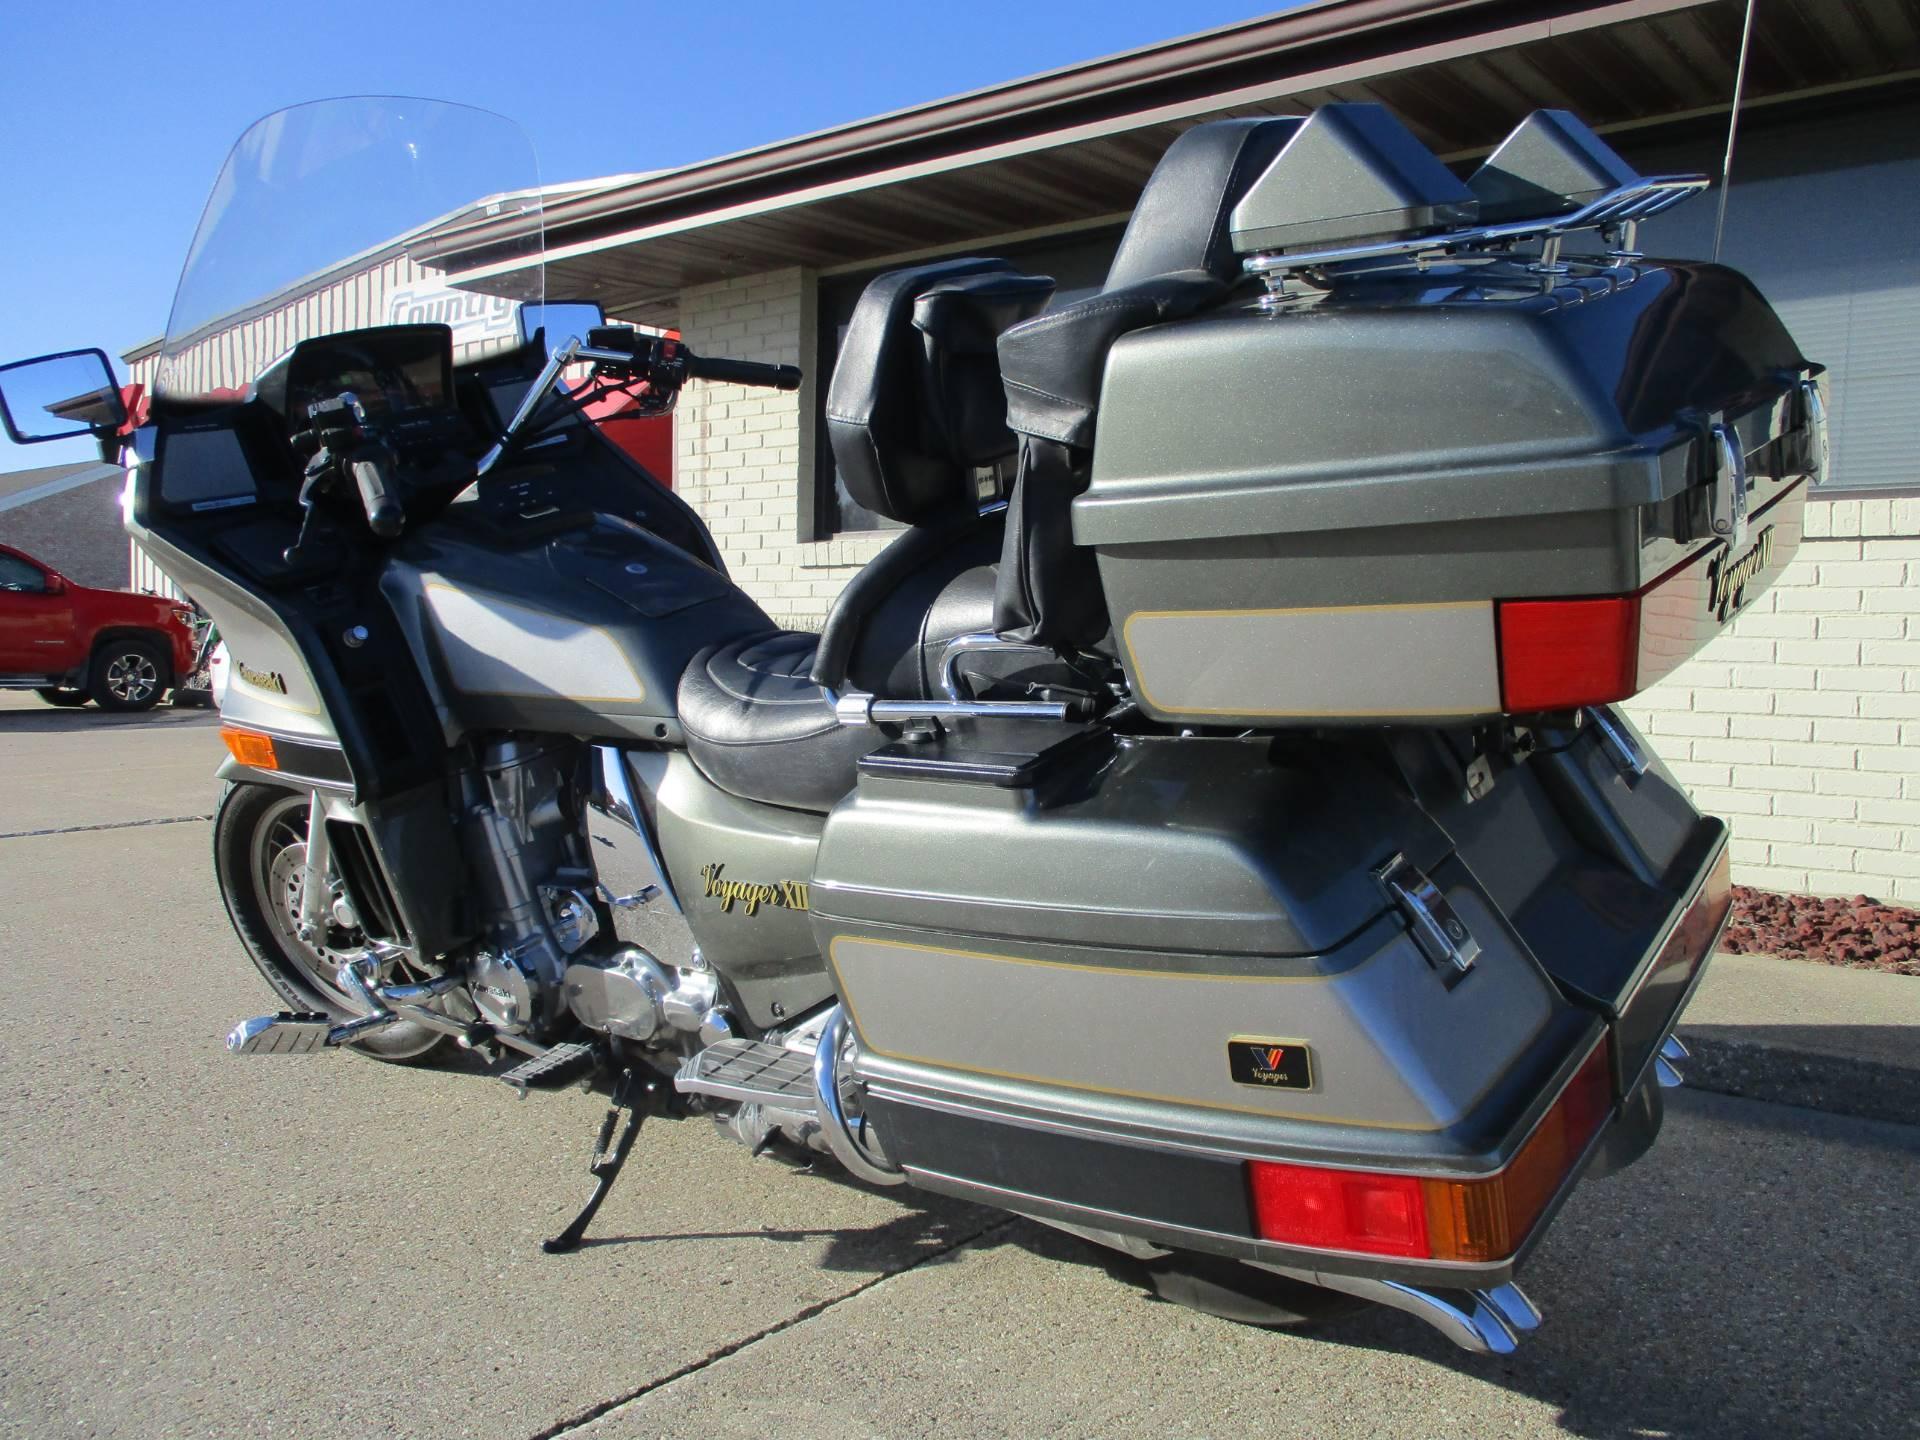 2003 Kawasaki Voyager XII 6